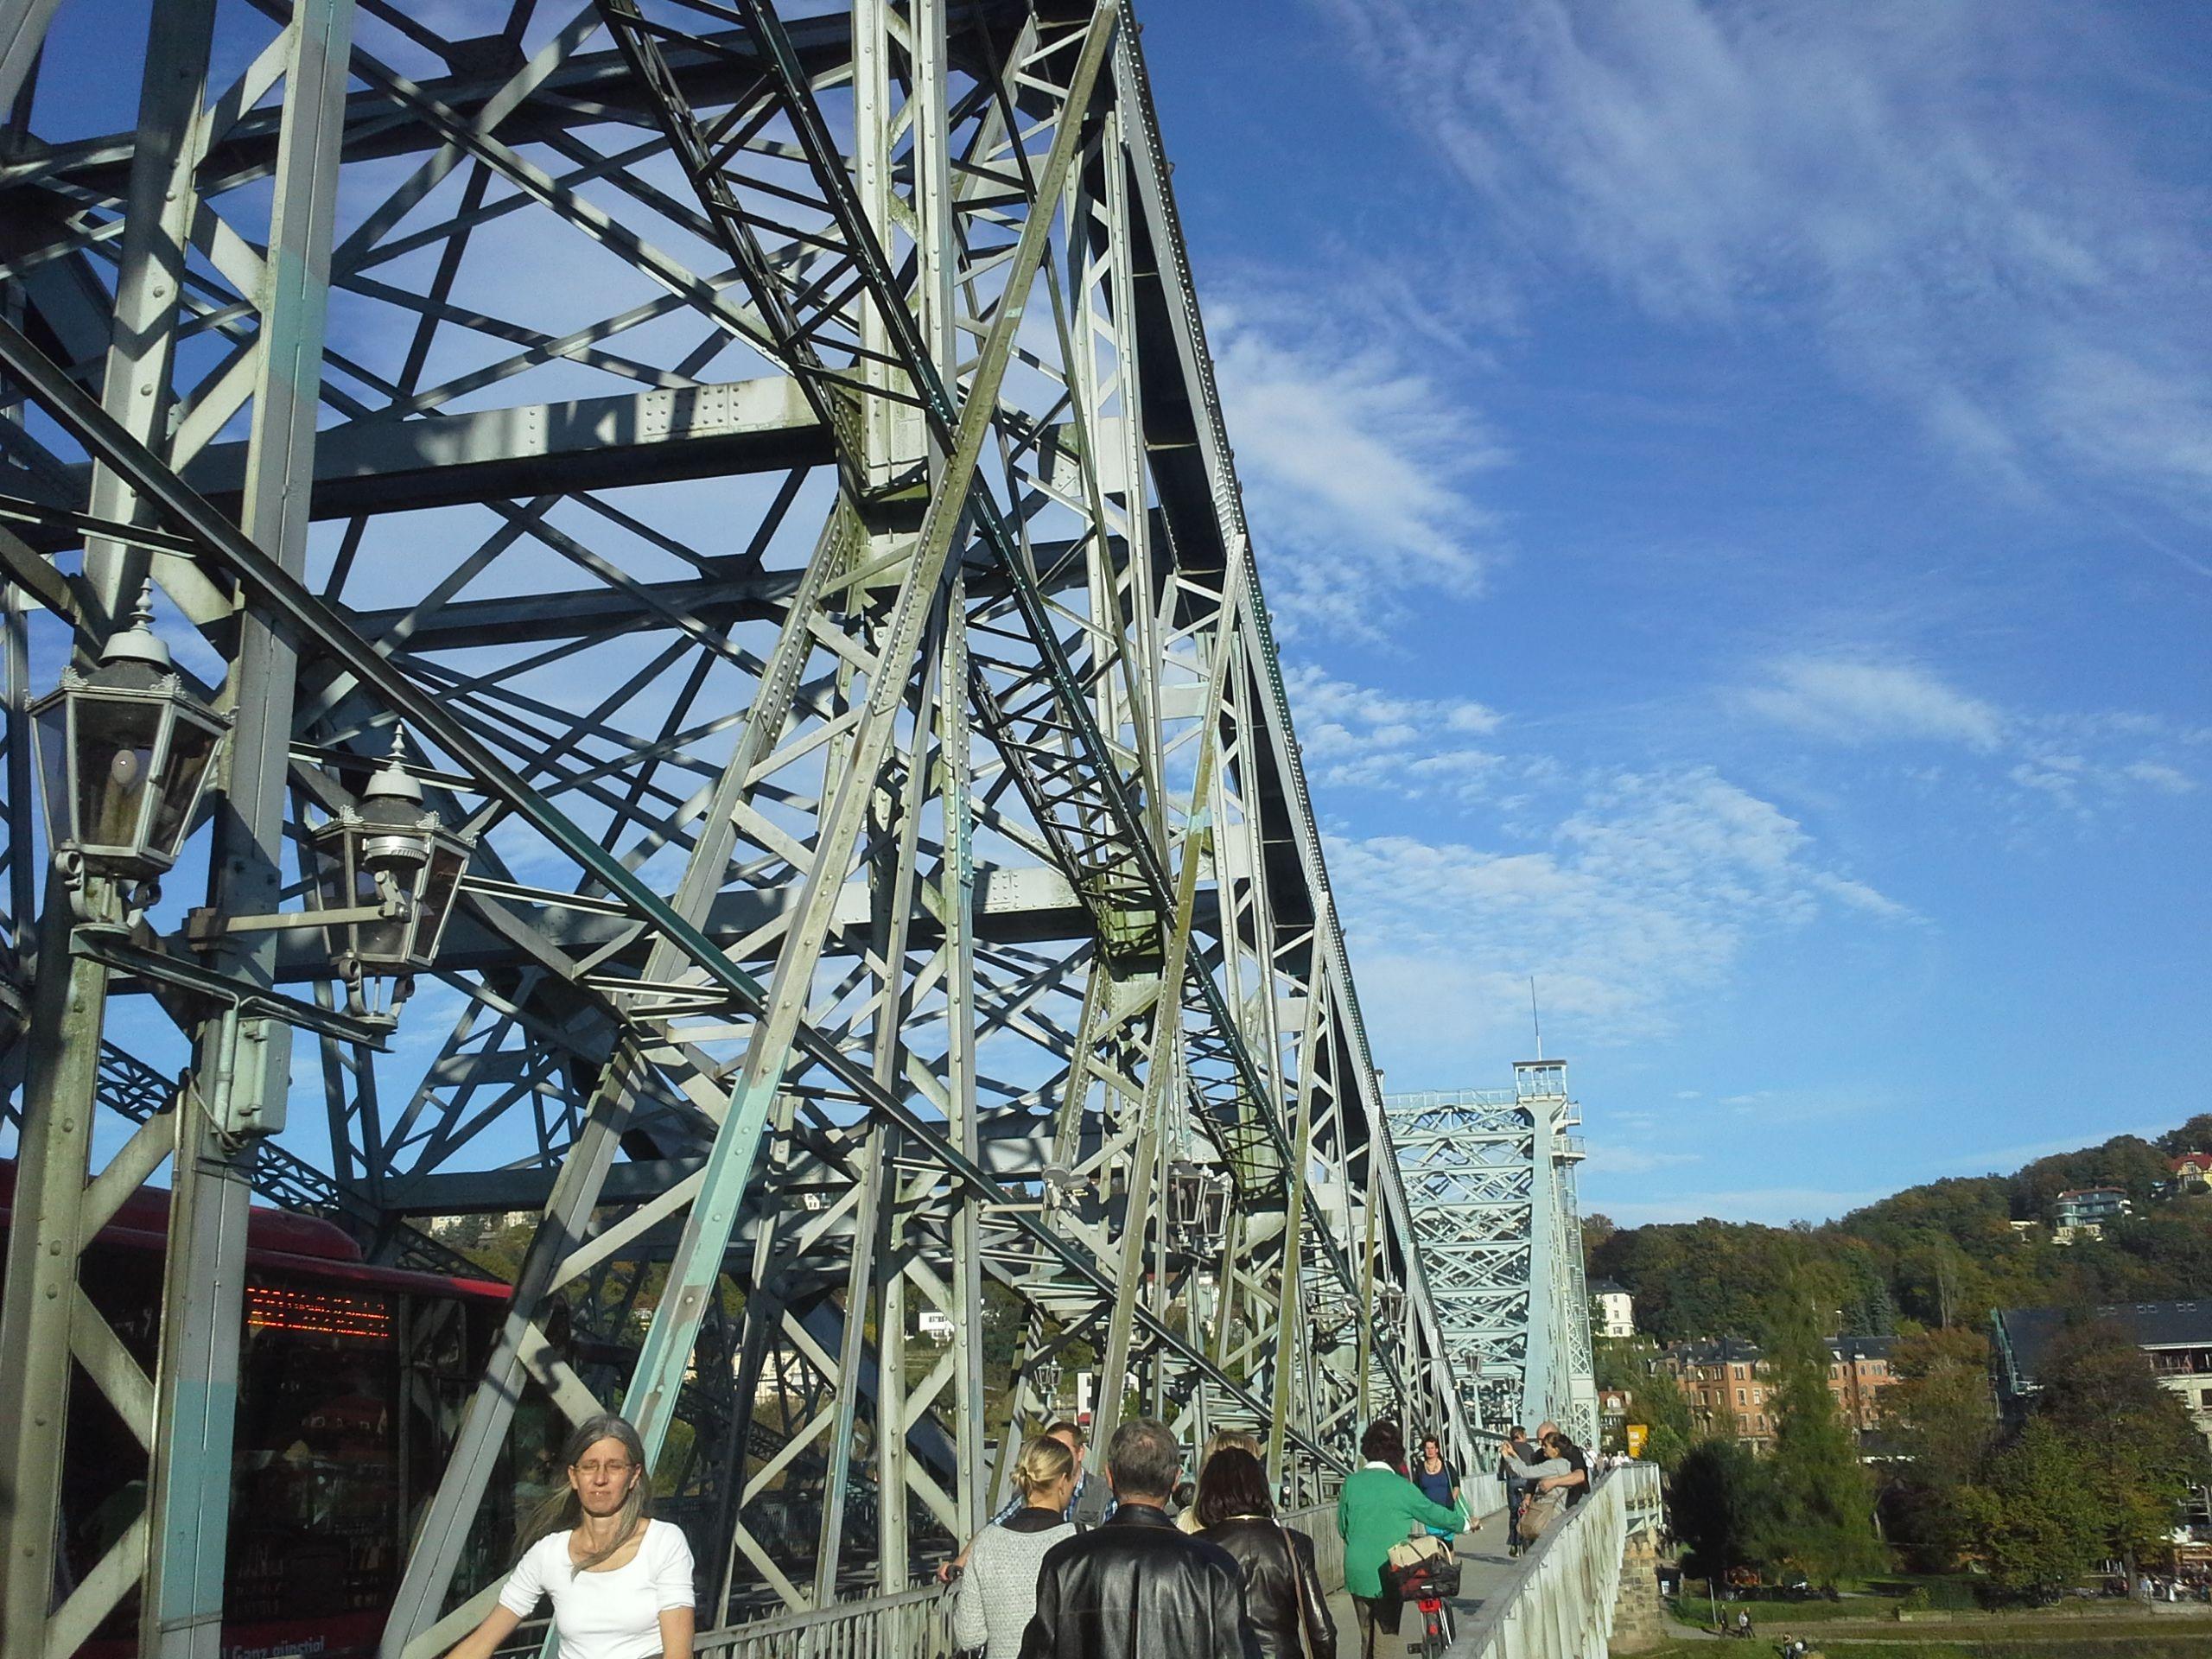 Die Loschwitzer Brücke in #Dresden, auch Blaues Wunder genannt.  #schnitzeljagd #stadtspiel #blaueswunder #dresden #elbflorenz